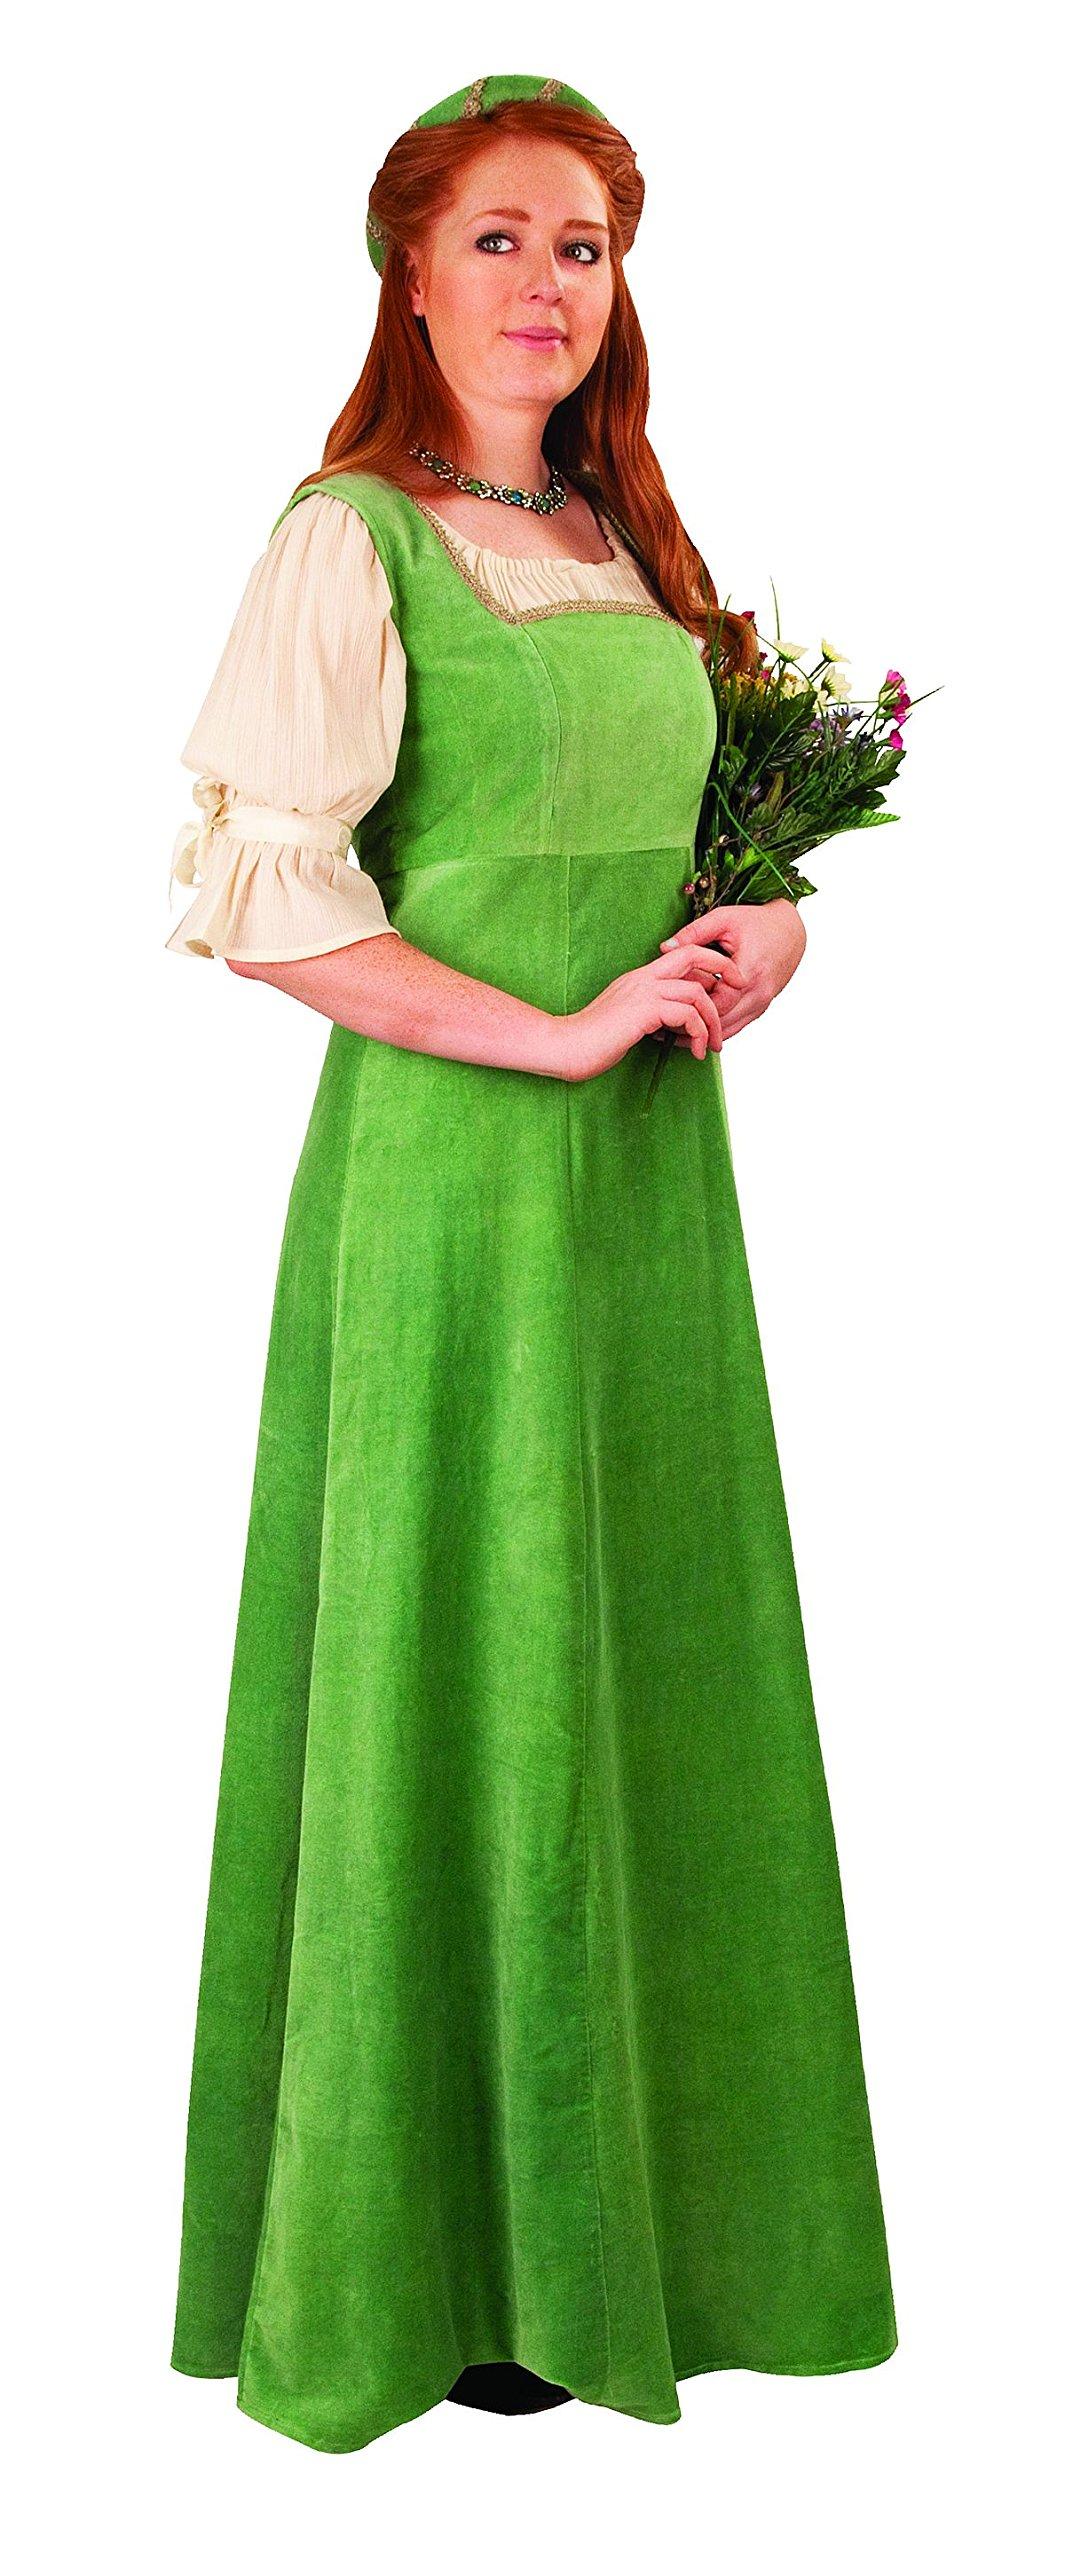 Mulberry Faire Medieval Velvet Overdress w/Headband (Medium, Soft Green)